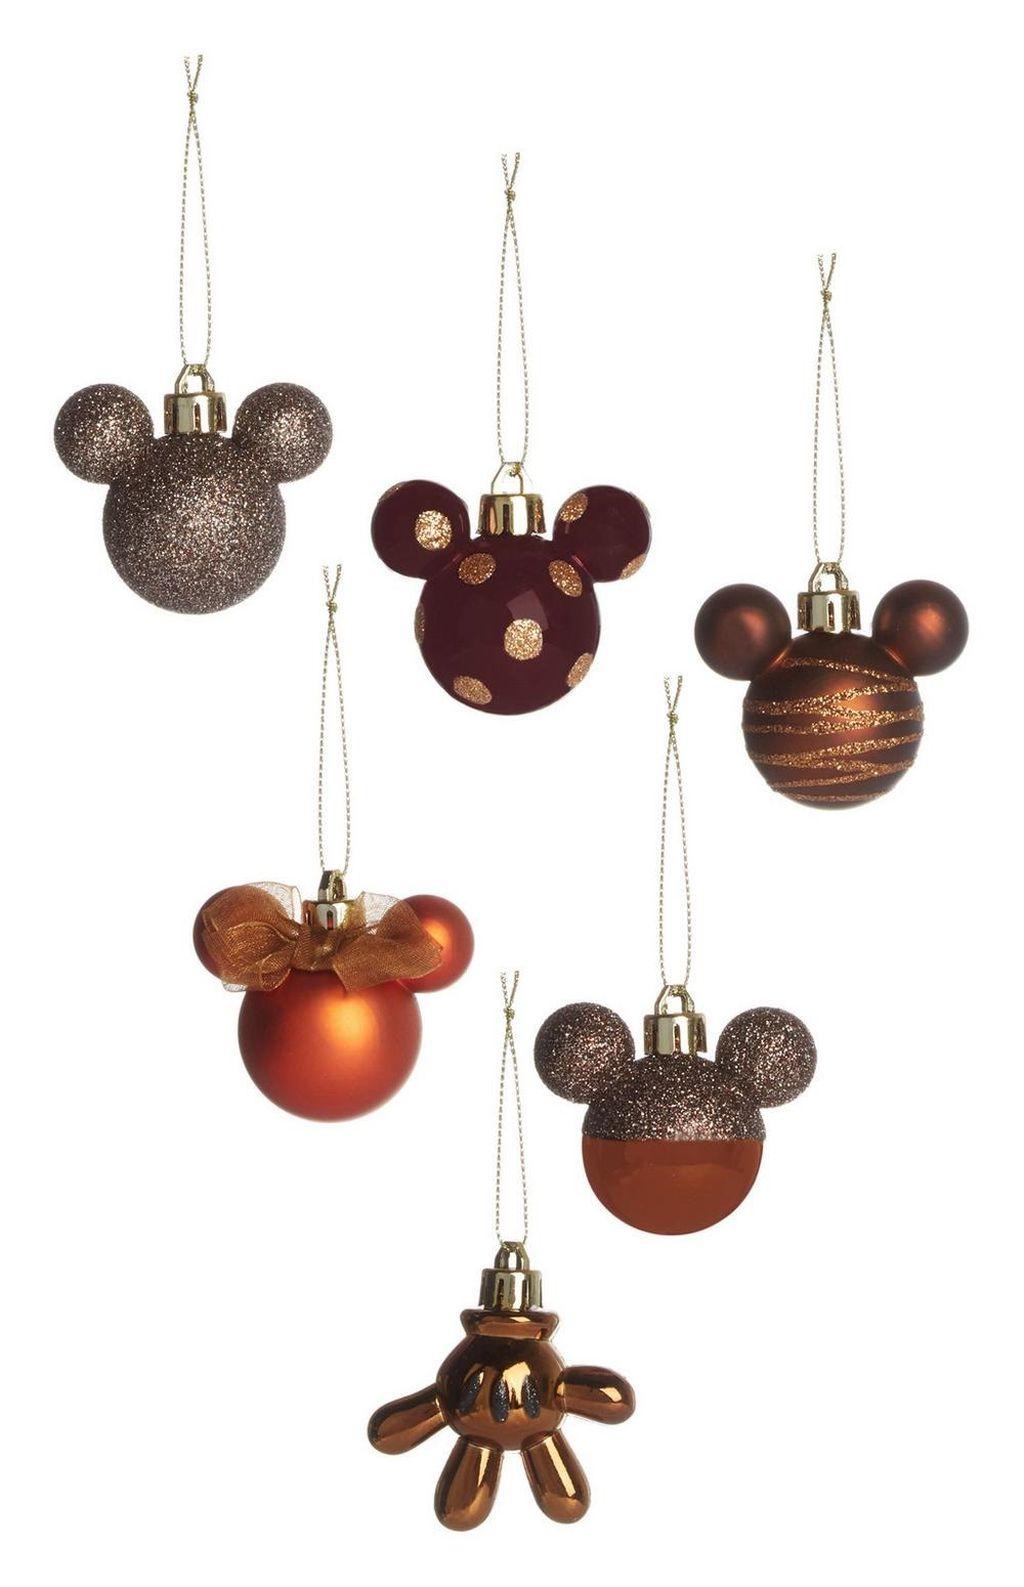 Božićni ukrasi s likom Mickey i Minnie Mouse iz Primarka - 15